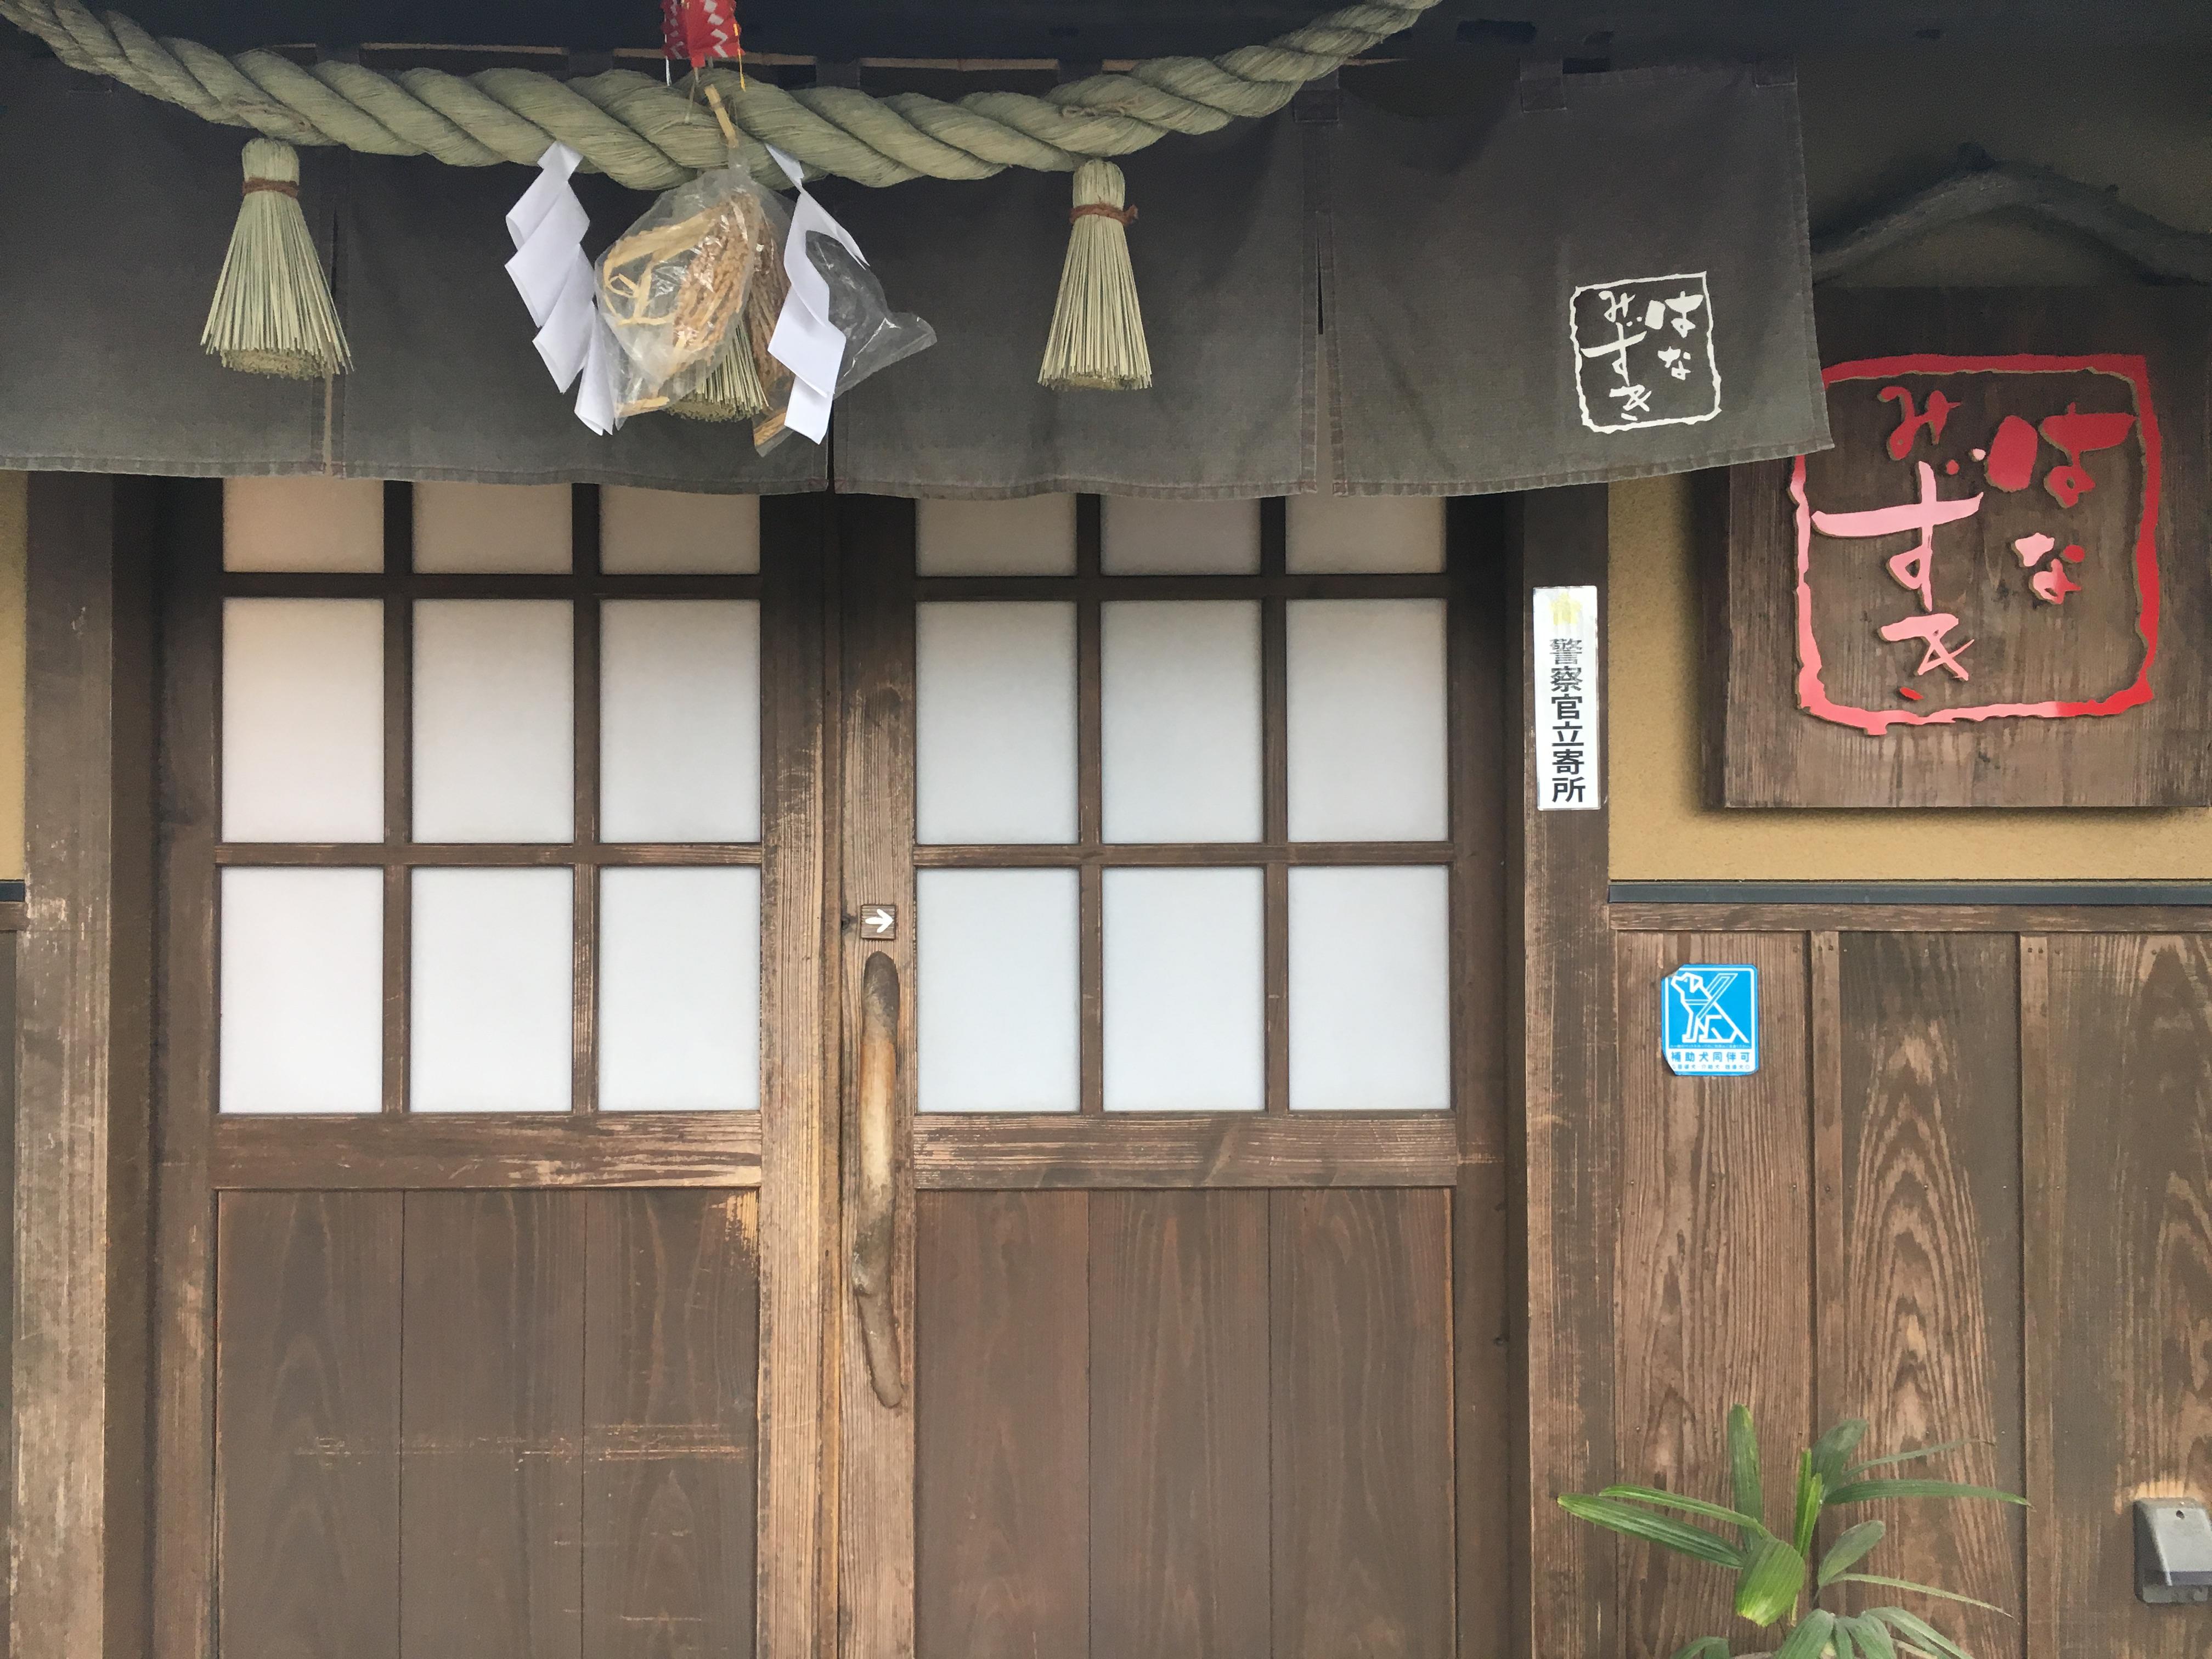 【はなみずき】熊本・植木温泉にある美人の湯を楽しめる貸し切り温泉